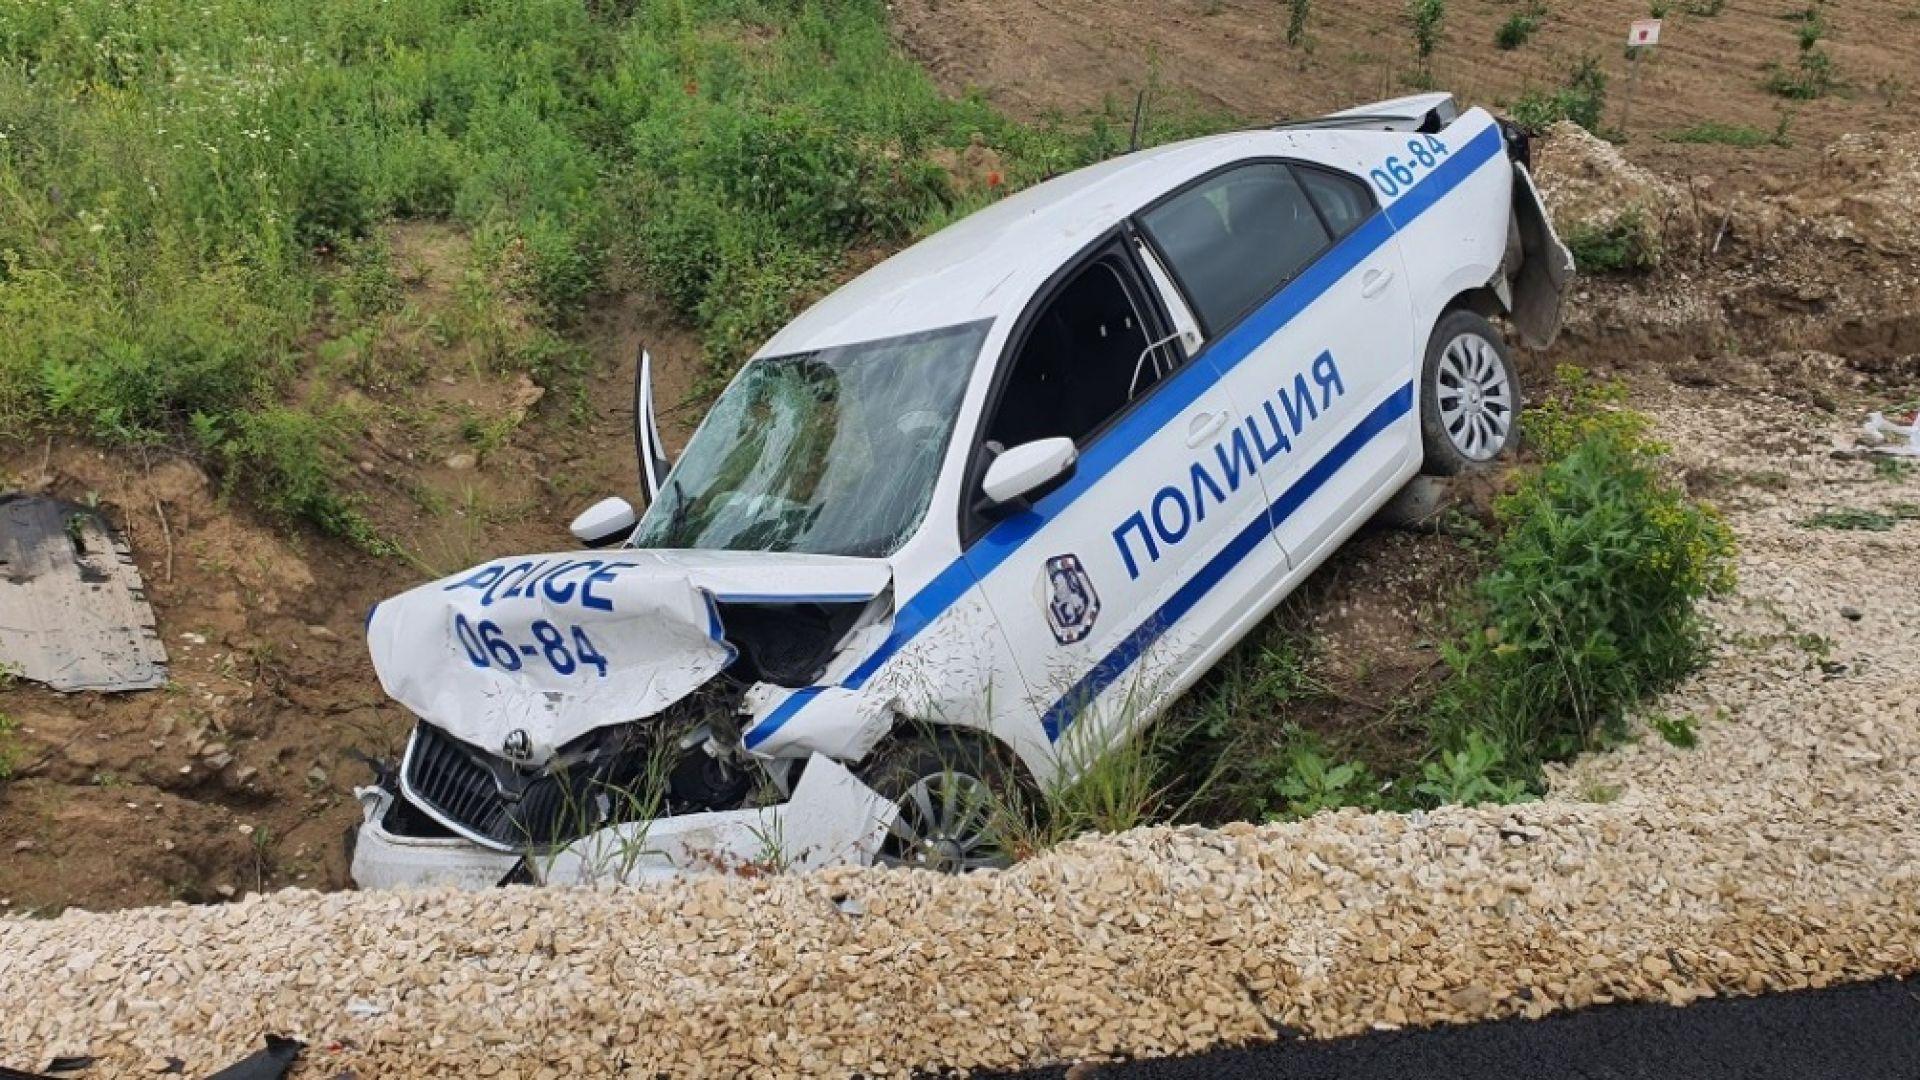 Джип се заби в патрулка с двама полицаи, след като шофьорът получи инсулт